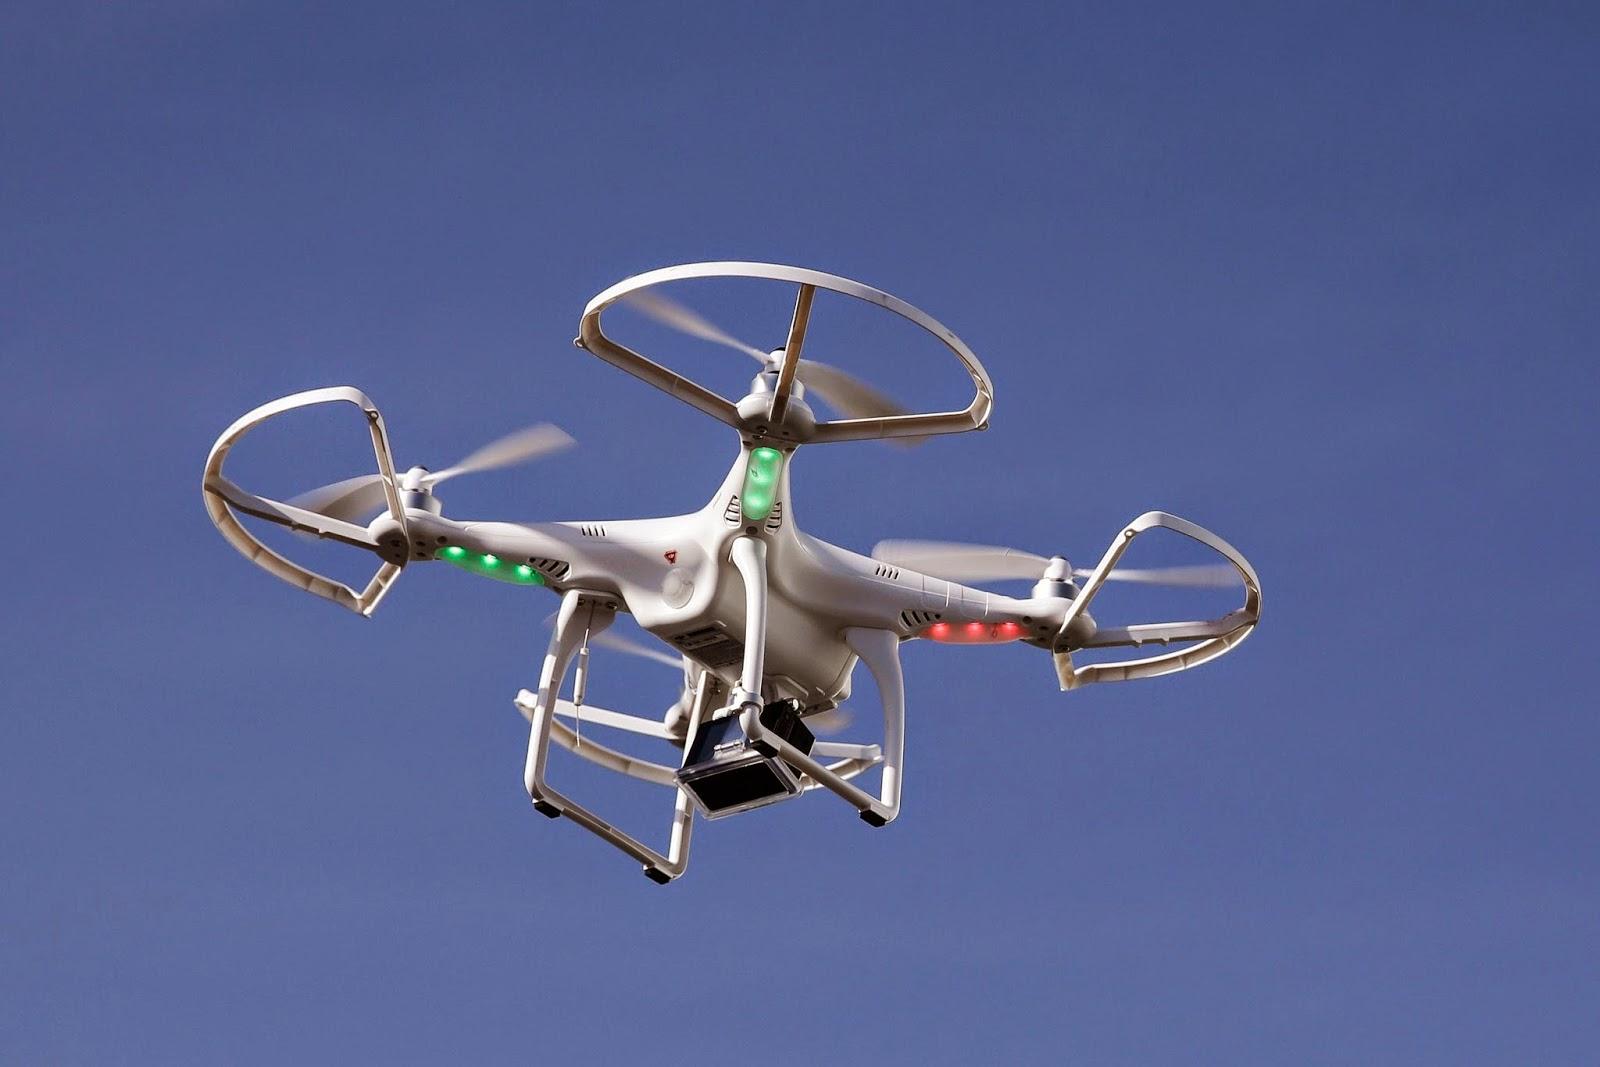 التحكم بالطائرات من دون طيار  عبر الأفكار أصبح ممكنا (فيديو) !